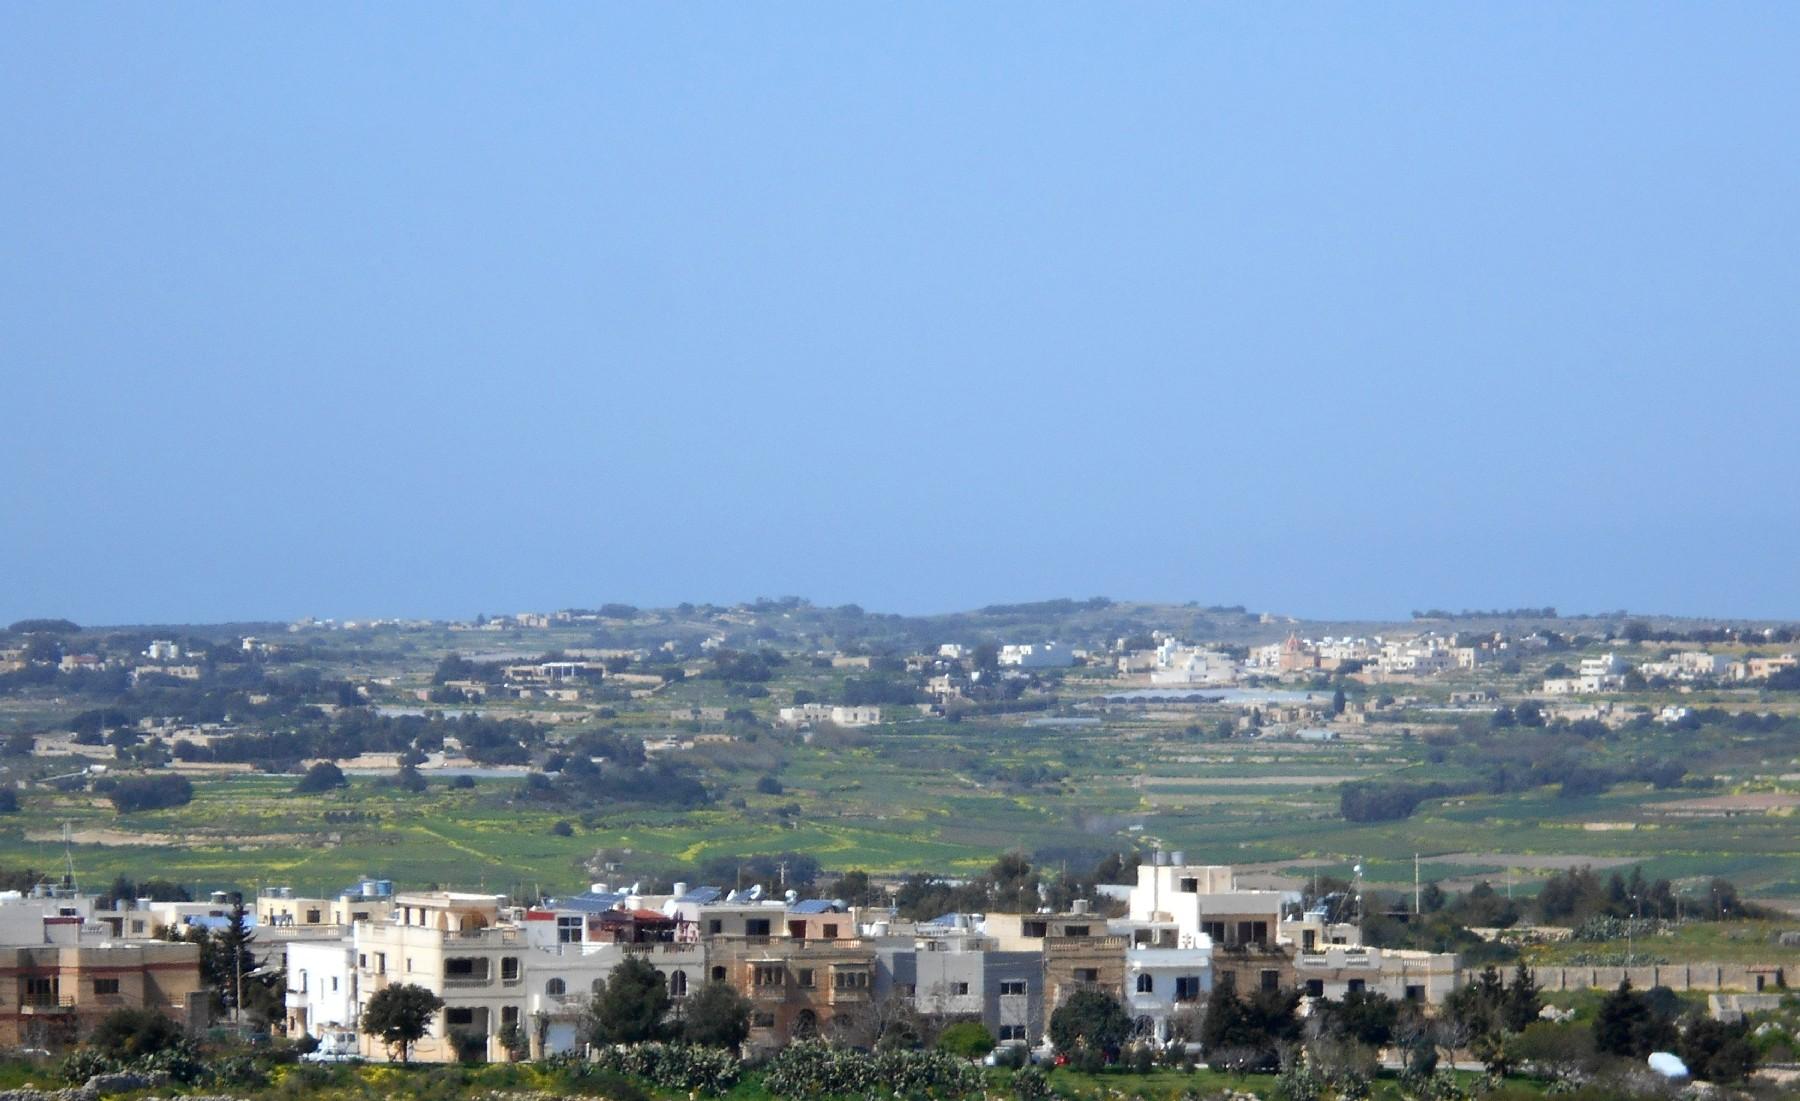 Malta Property for sale in Malta, Naxxar